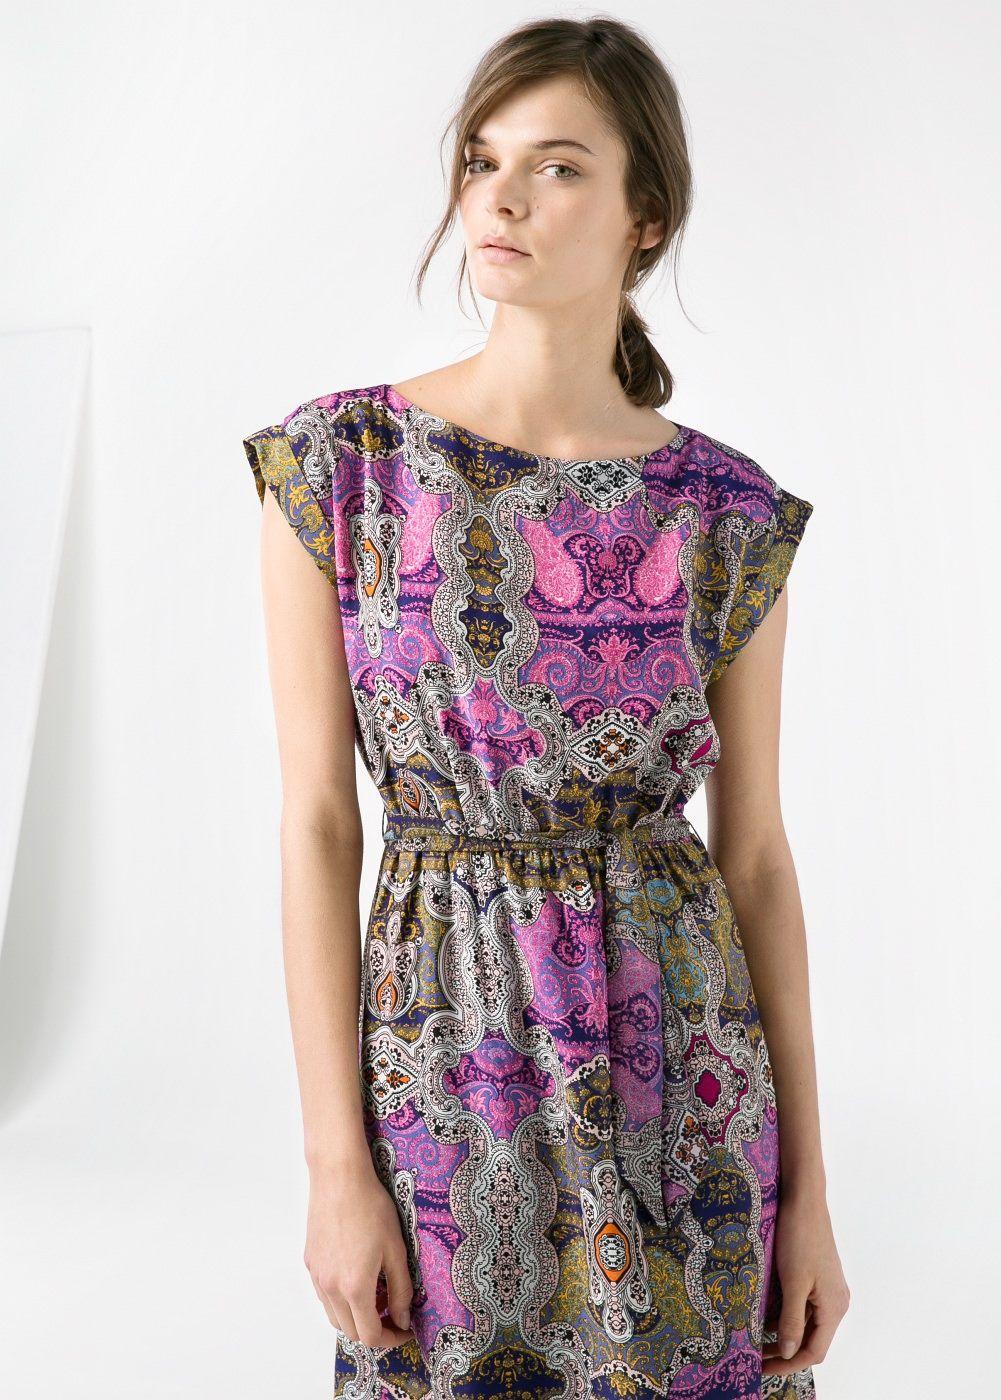 Kleid mit paisley-muster - Damen | Kleider für frauen ...